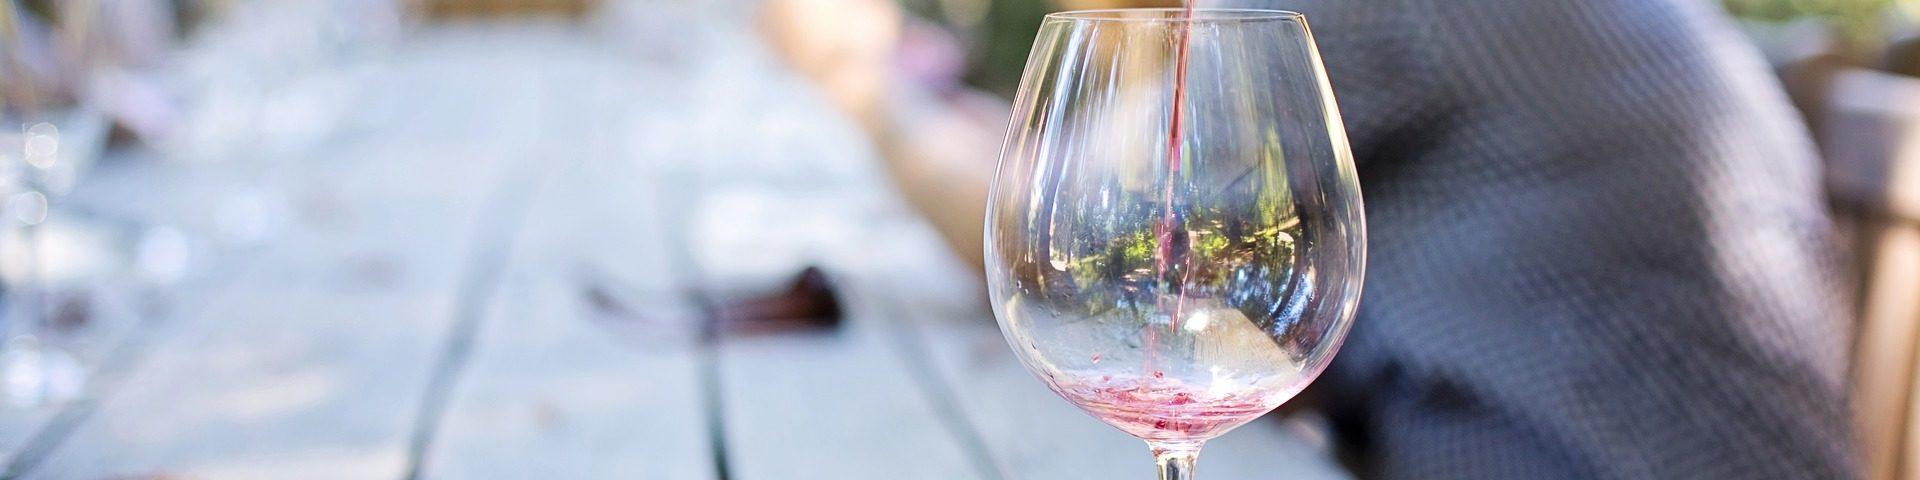 wine 1952051 1920 1920x480 - [Winna Szkoła] Jak przygotować się do degustacji wina